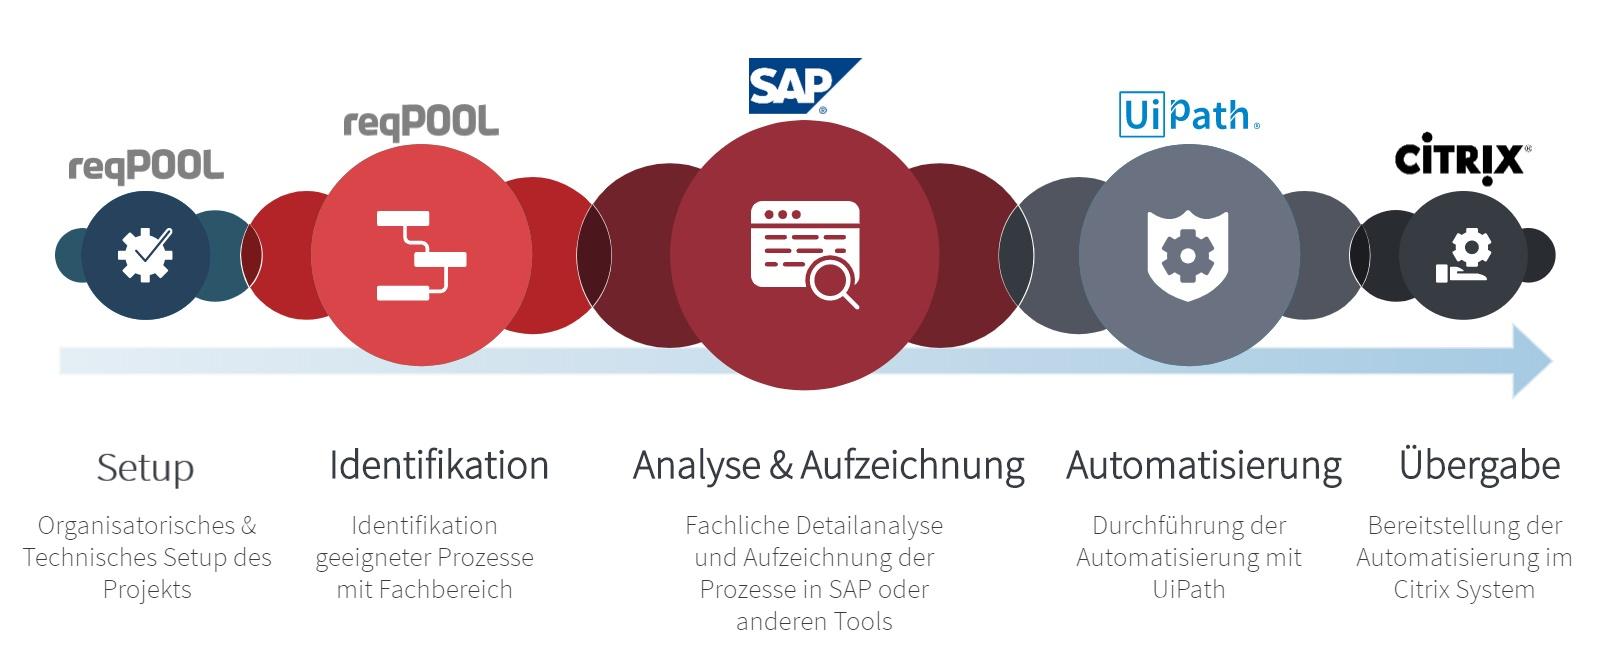 RPA SAP & UIPath_LI